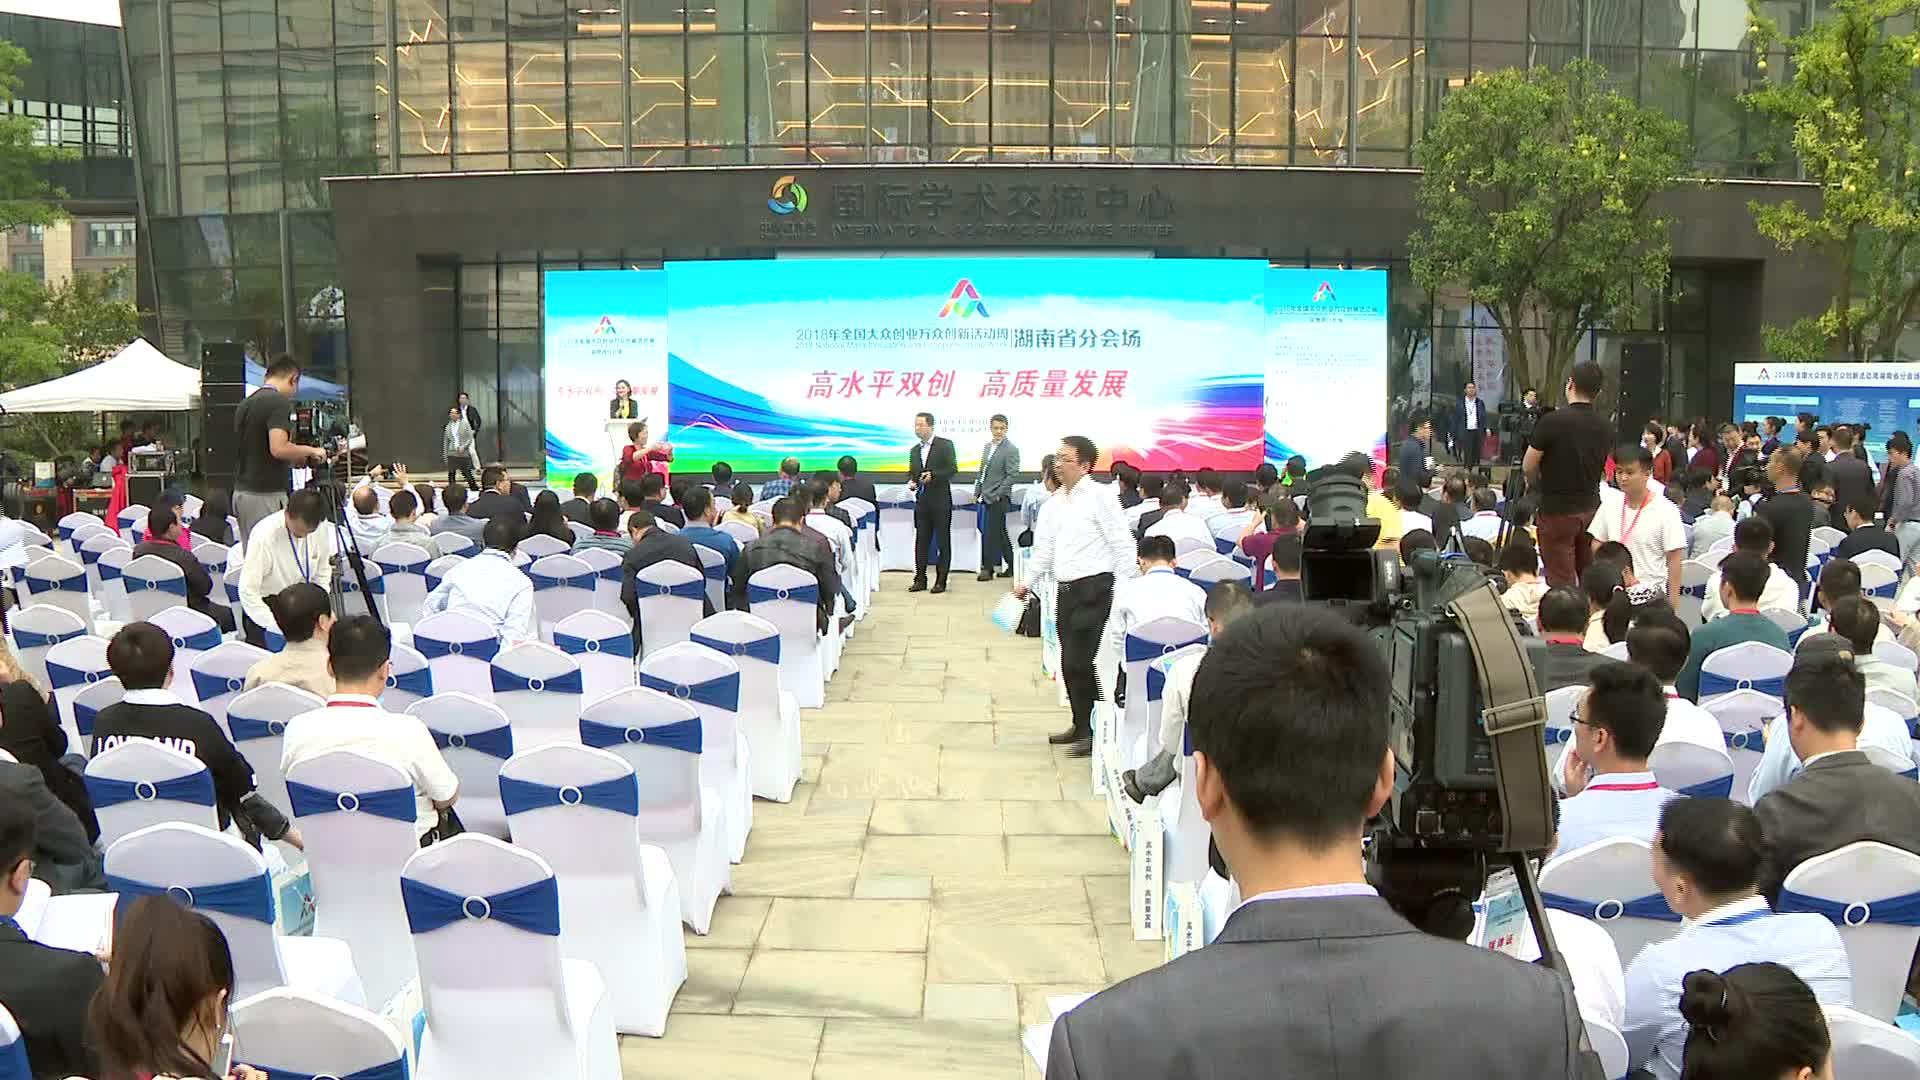 【全程回放】2018年全国大众创业万众创新活动周湖南省分会场启动仪式